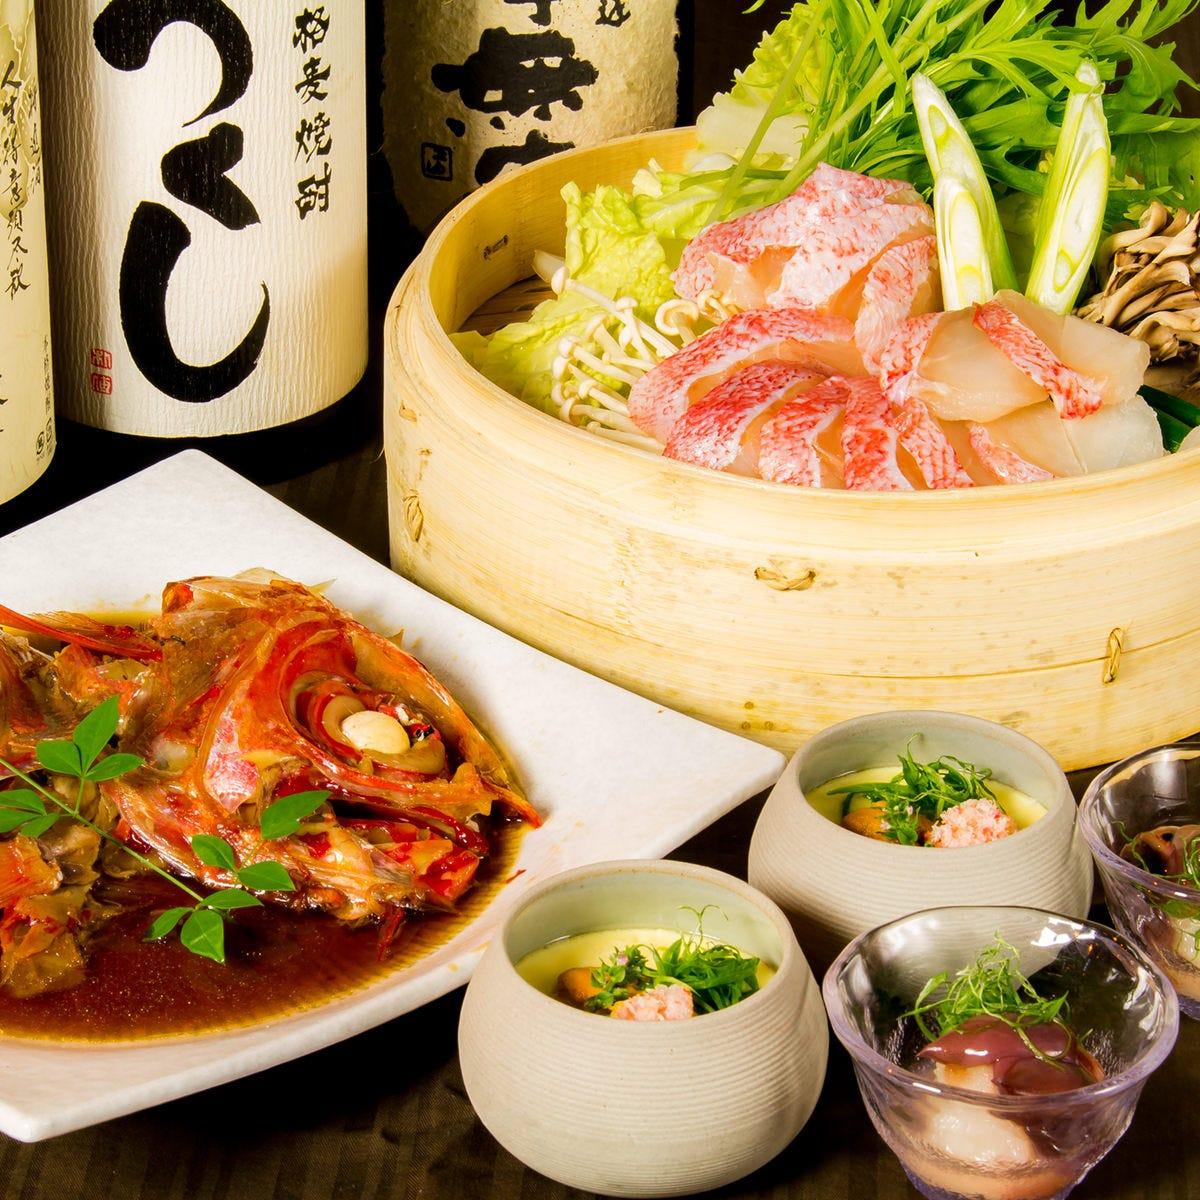 赤坂で新鮮魚を使用した絶品創作料理をお楽しみ下さい!